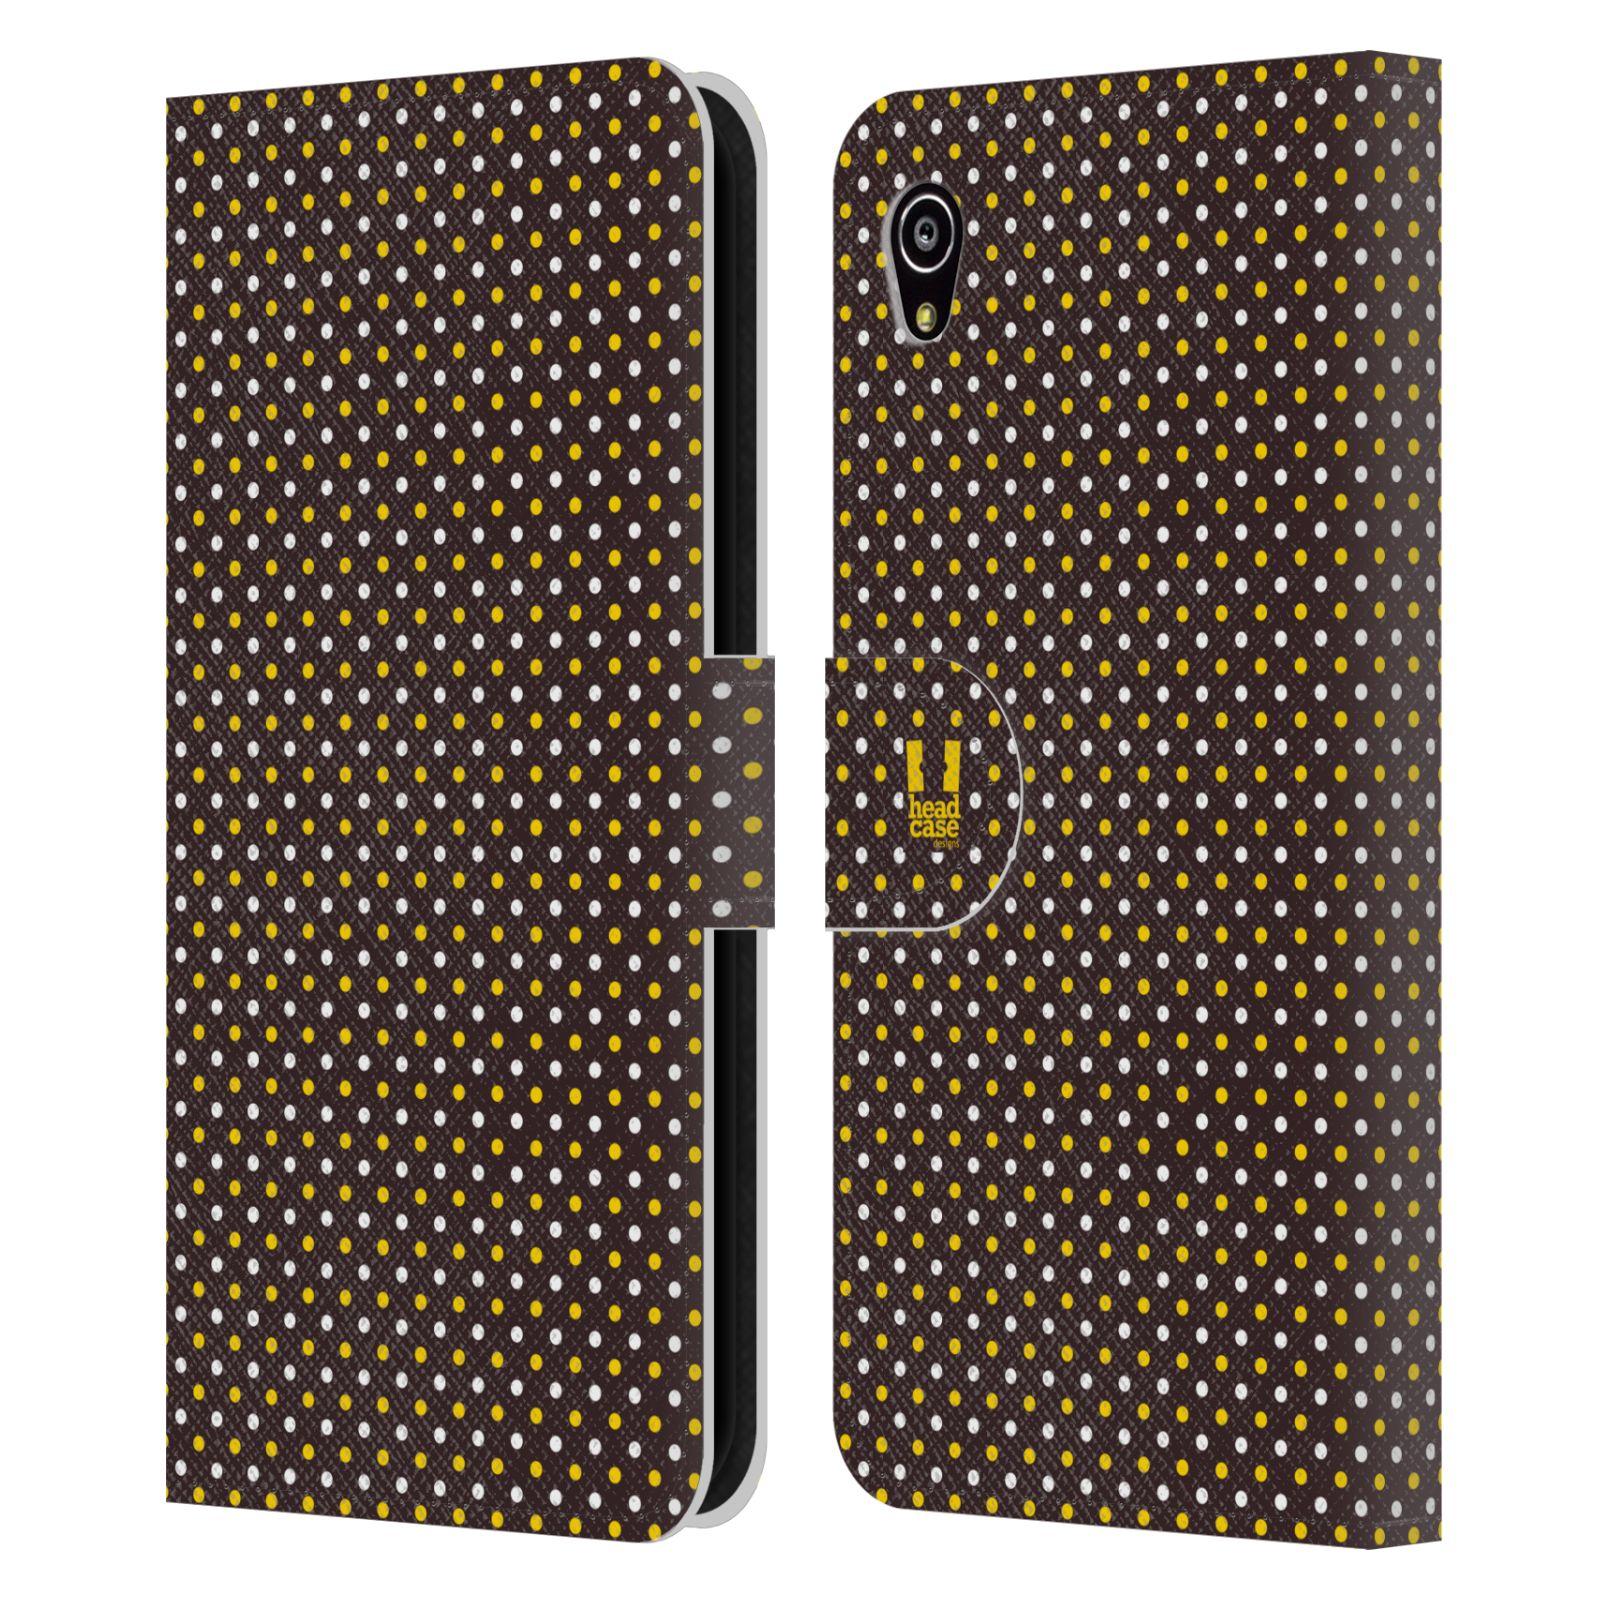 HEAD CASE Flipové pouzdro pro mobil SONY XPERIA M4 AQUA VČELÍ VZOR puntíky hnědá a žlutá